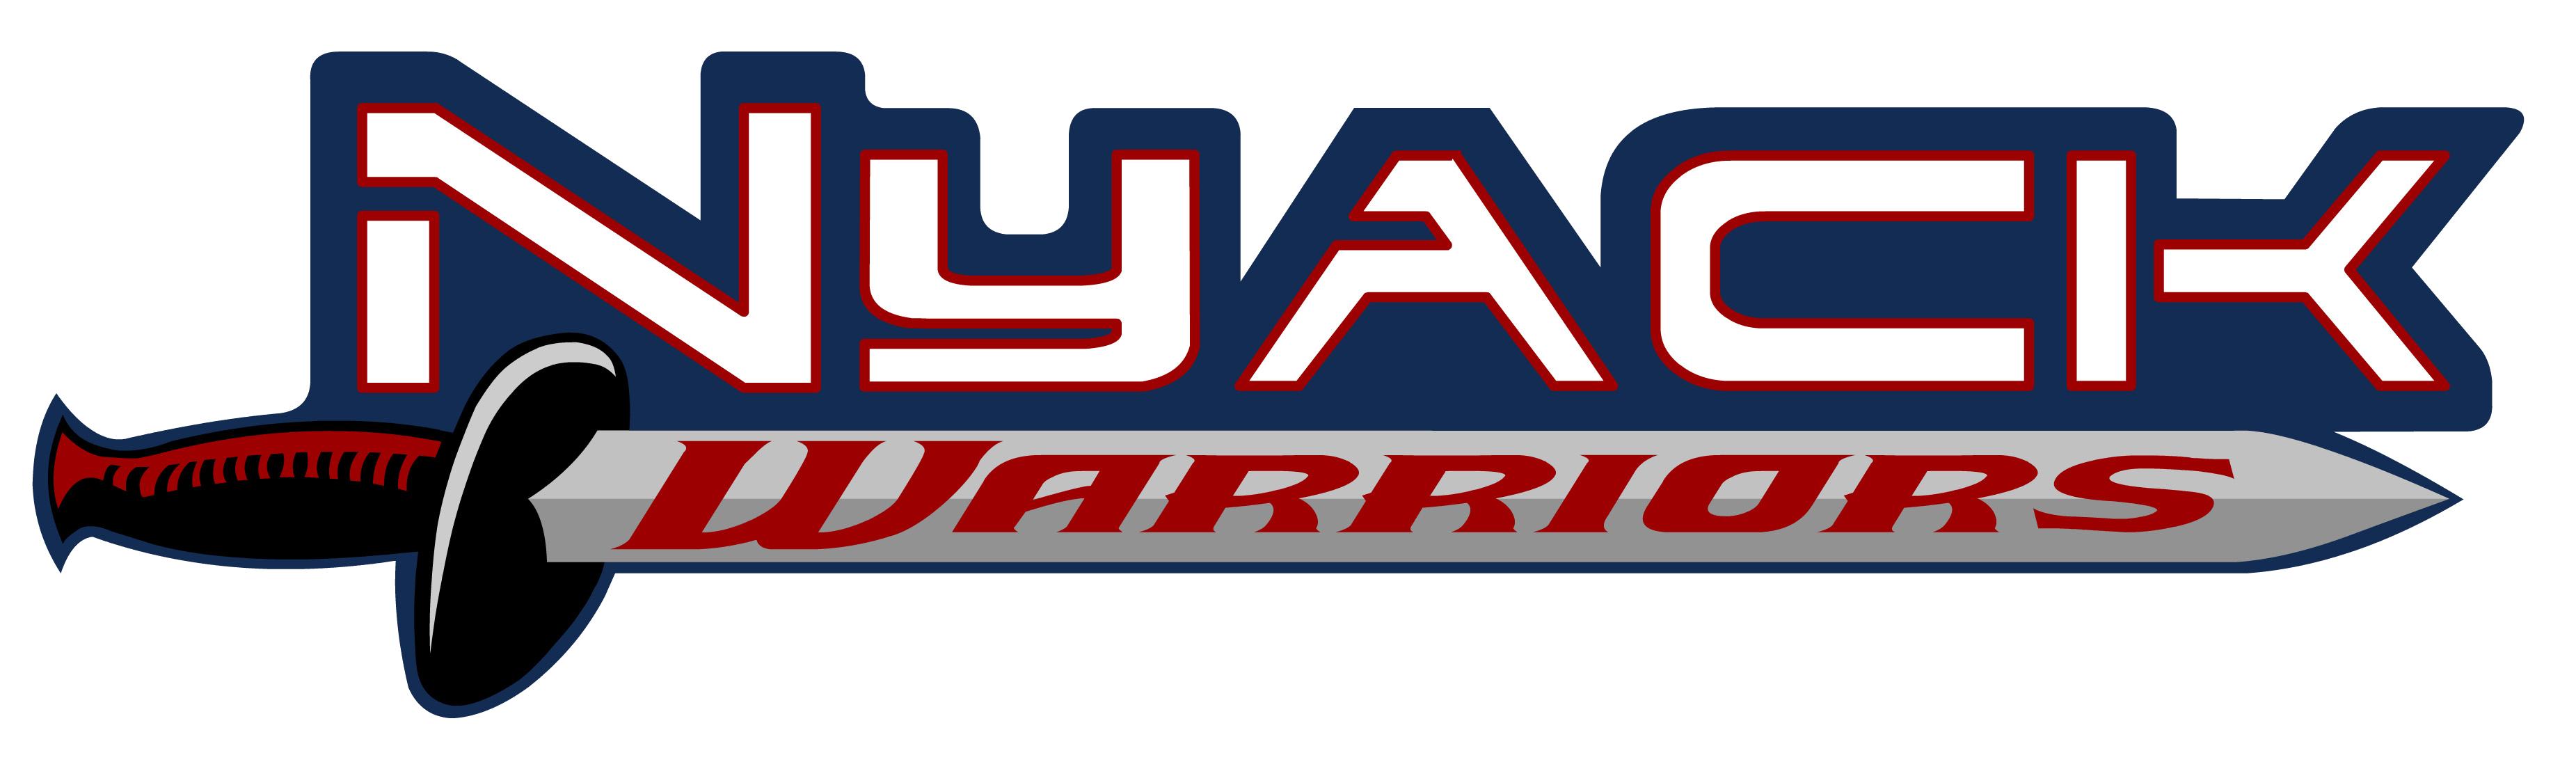 Nyack Warriors